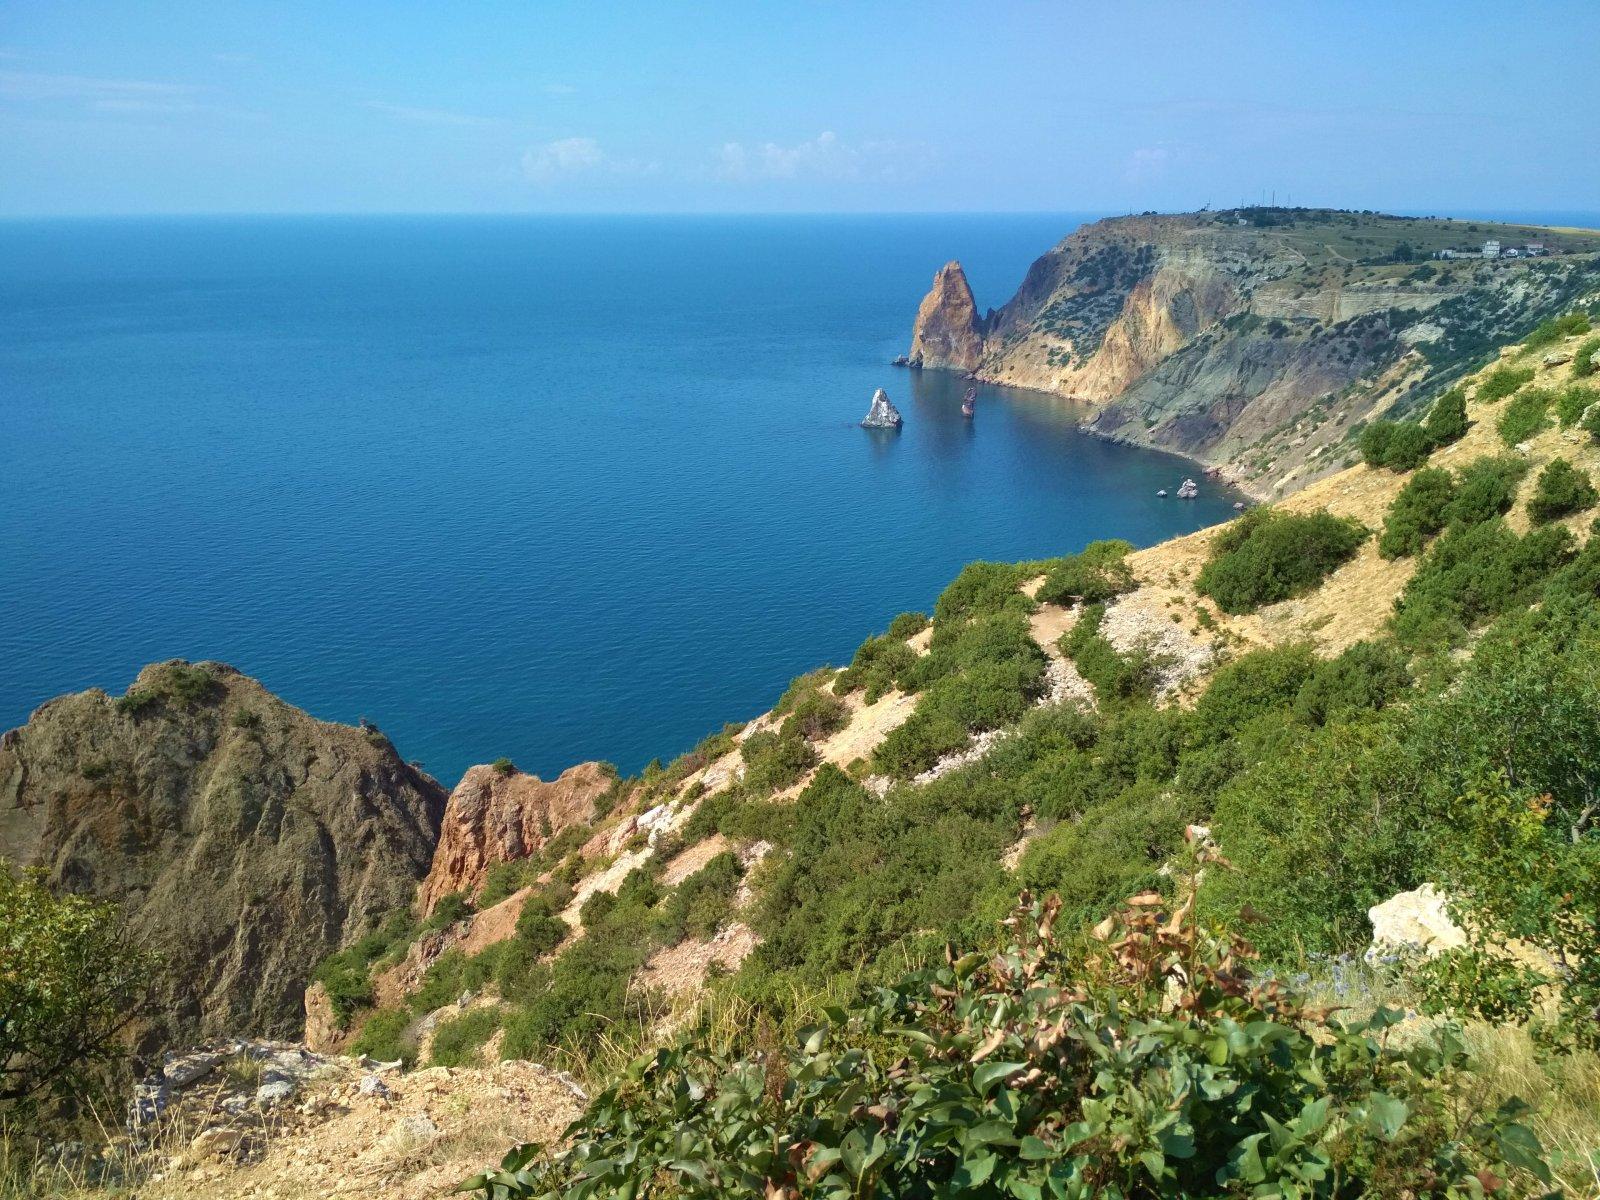 Севастопольские окрестности: Фиолент, Инкерман, Балаклава.